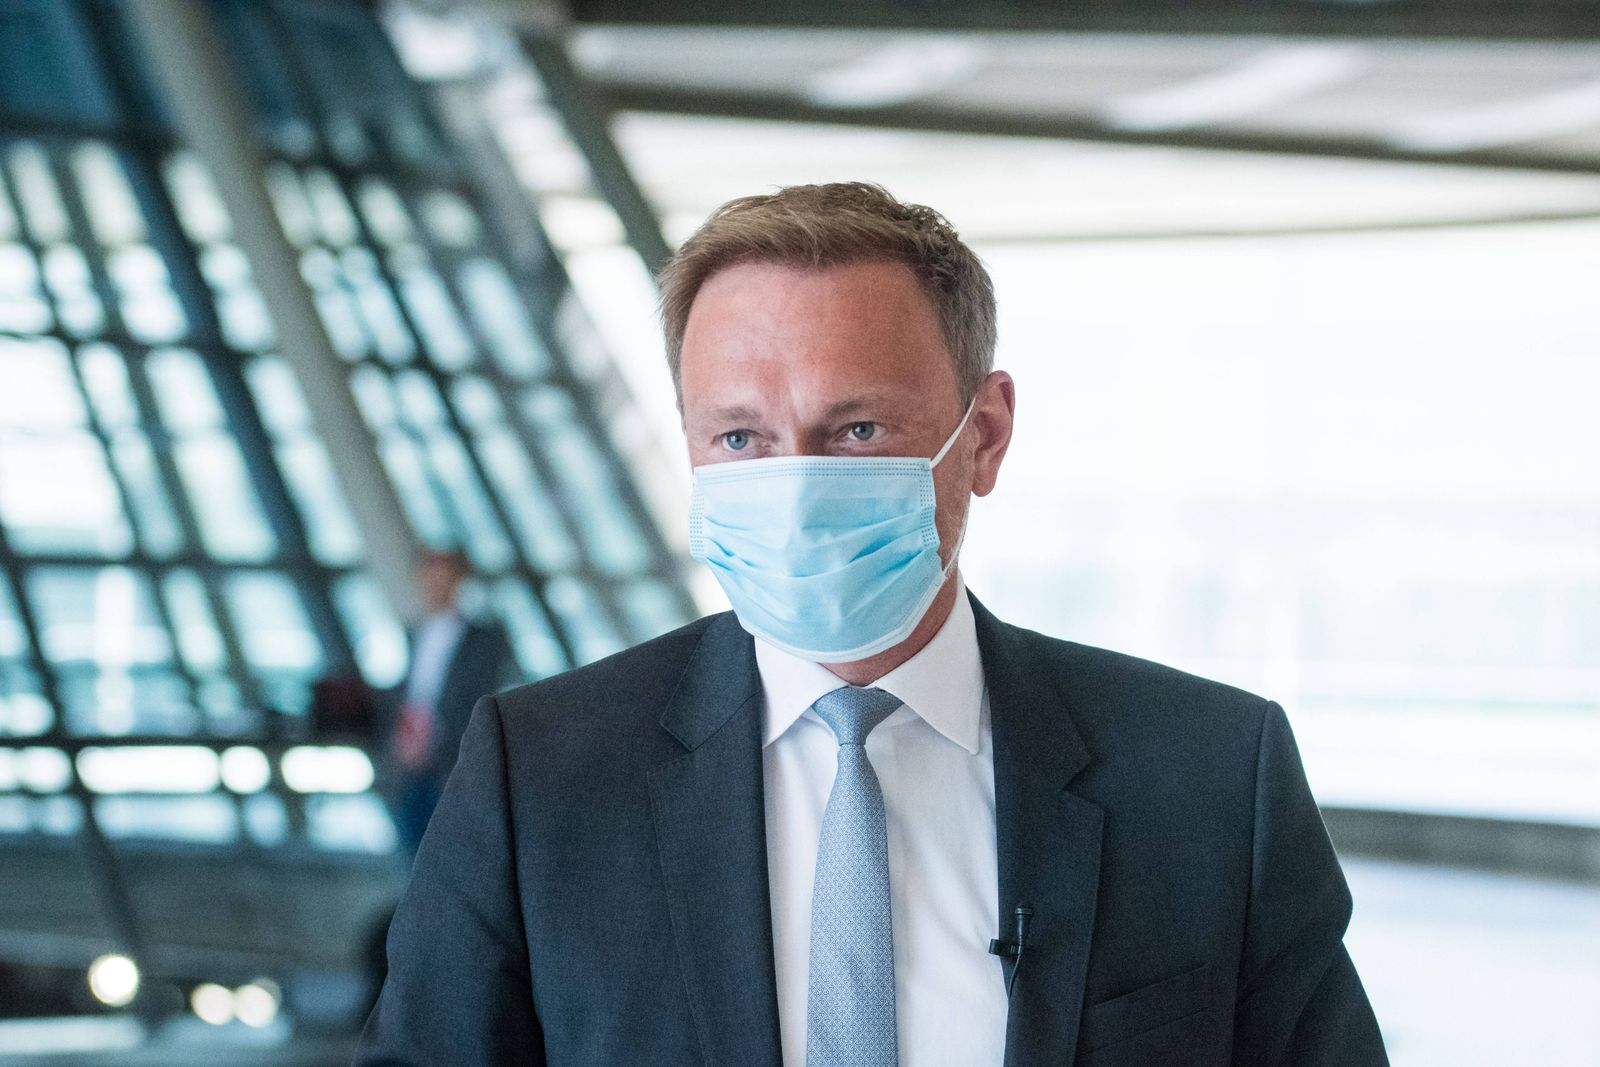 Berlin, Pressekonferenz FDP Fraktion Deutschland, Berlin - 21.04.2020: Im Bild ist Christian Lindner (Bundesvorsitzende